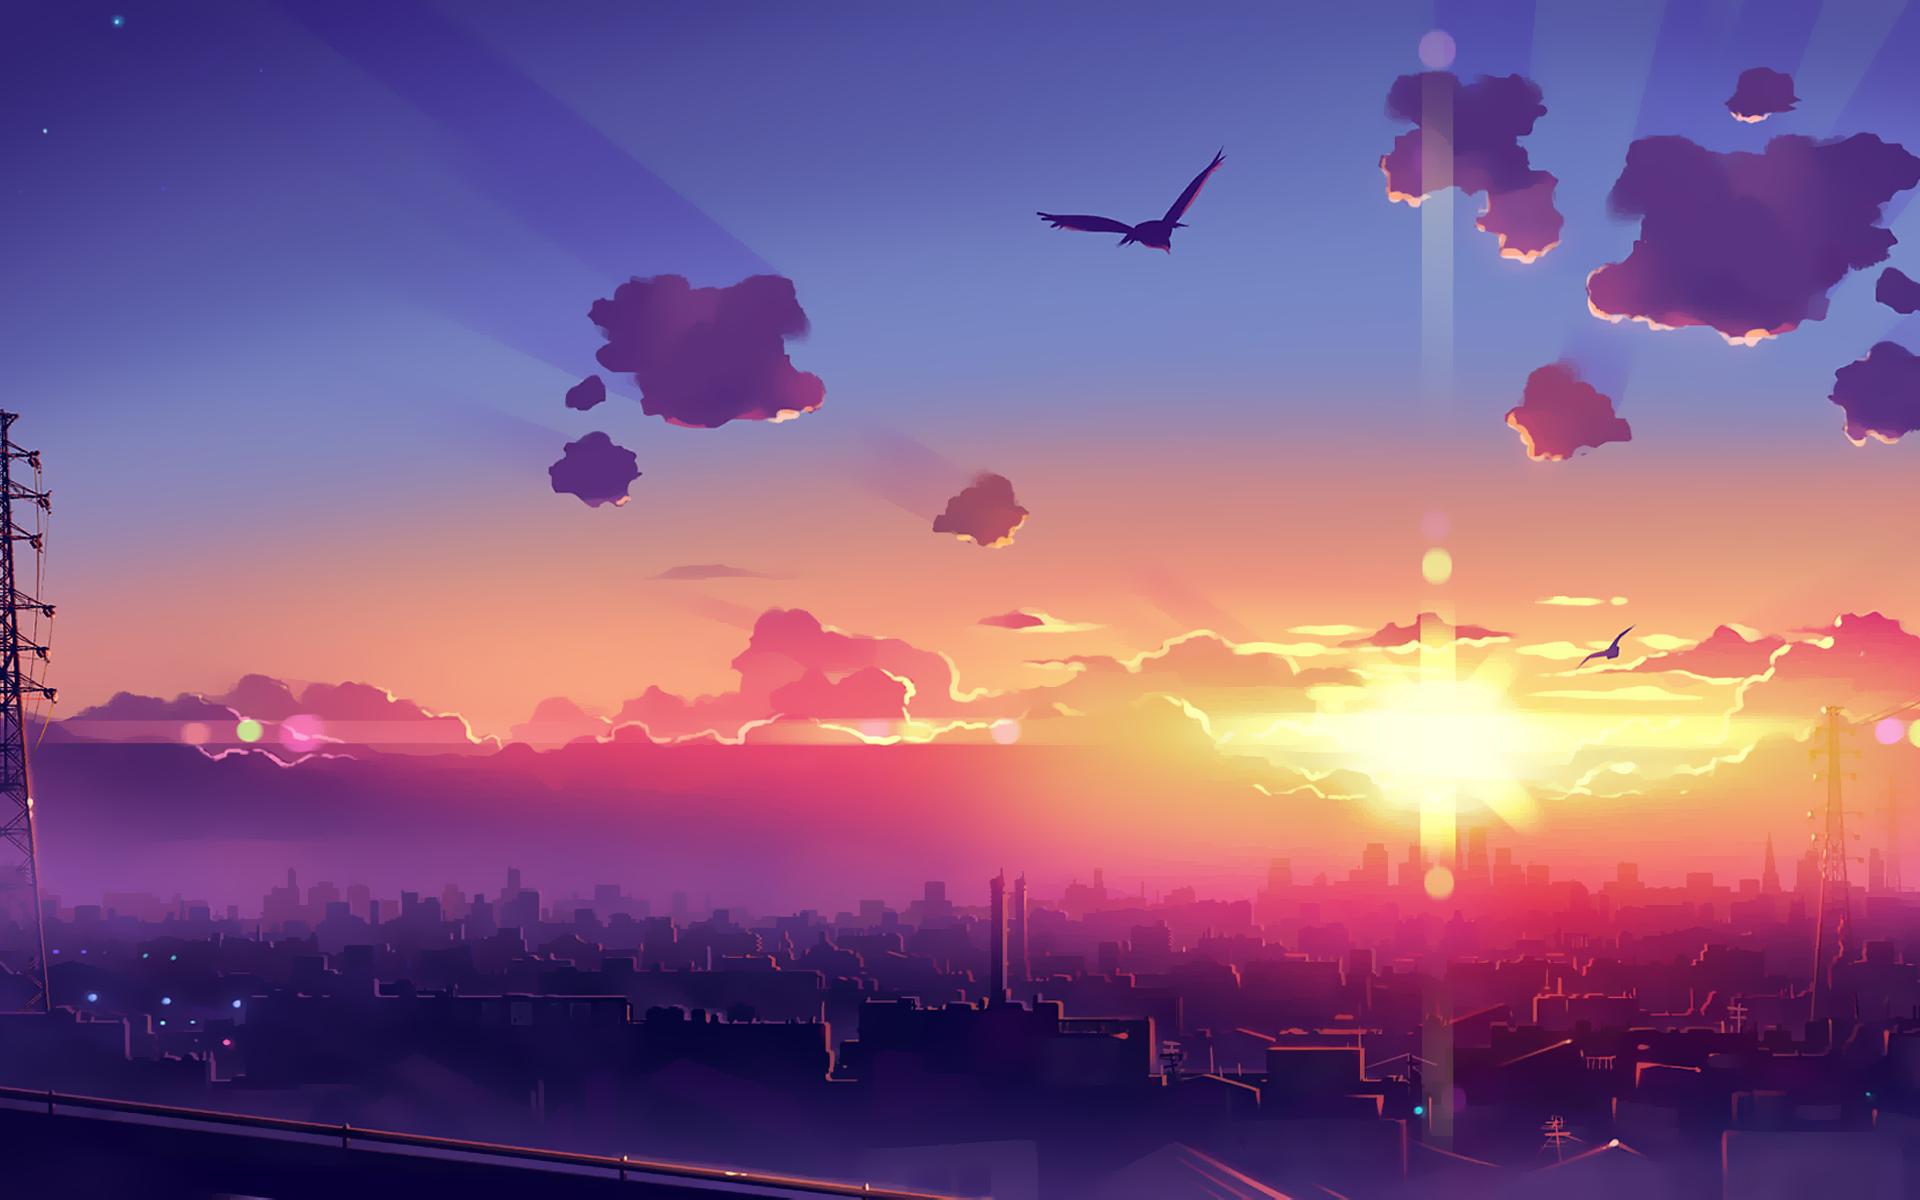 Wallpaper Sunset Cityscape Anime 1920x1200 Zanasea 1360827